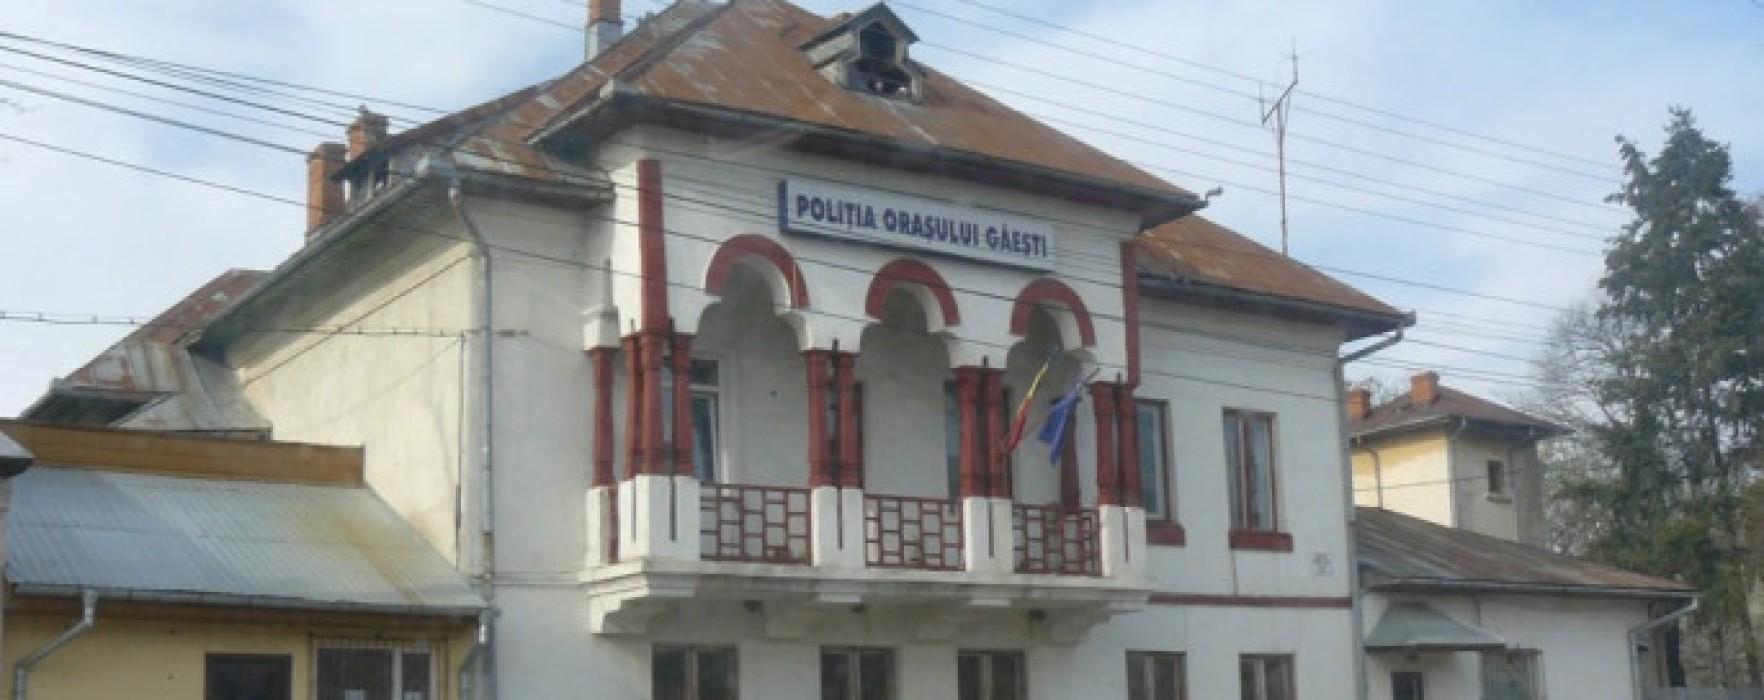 Noi centre de eliberare a cazierului judiciar, la Moreni, Pucioasa, Găeşti şi Răcari